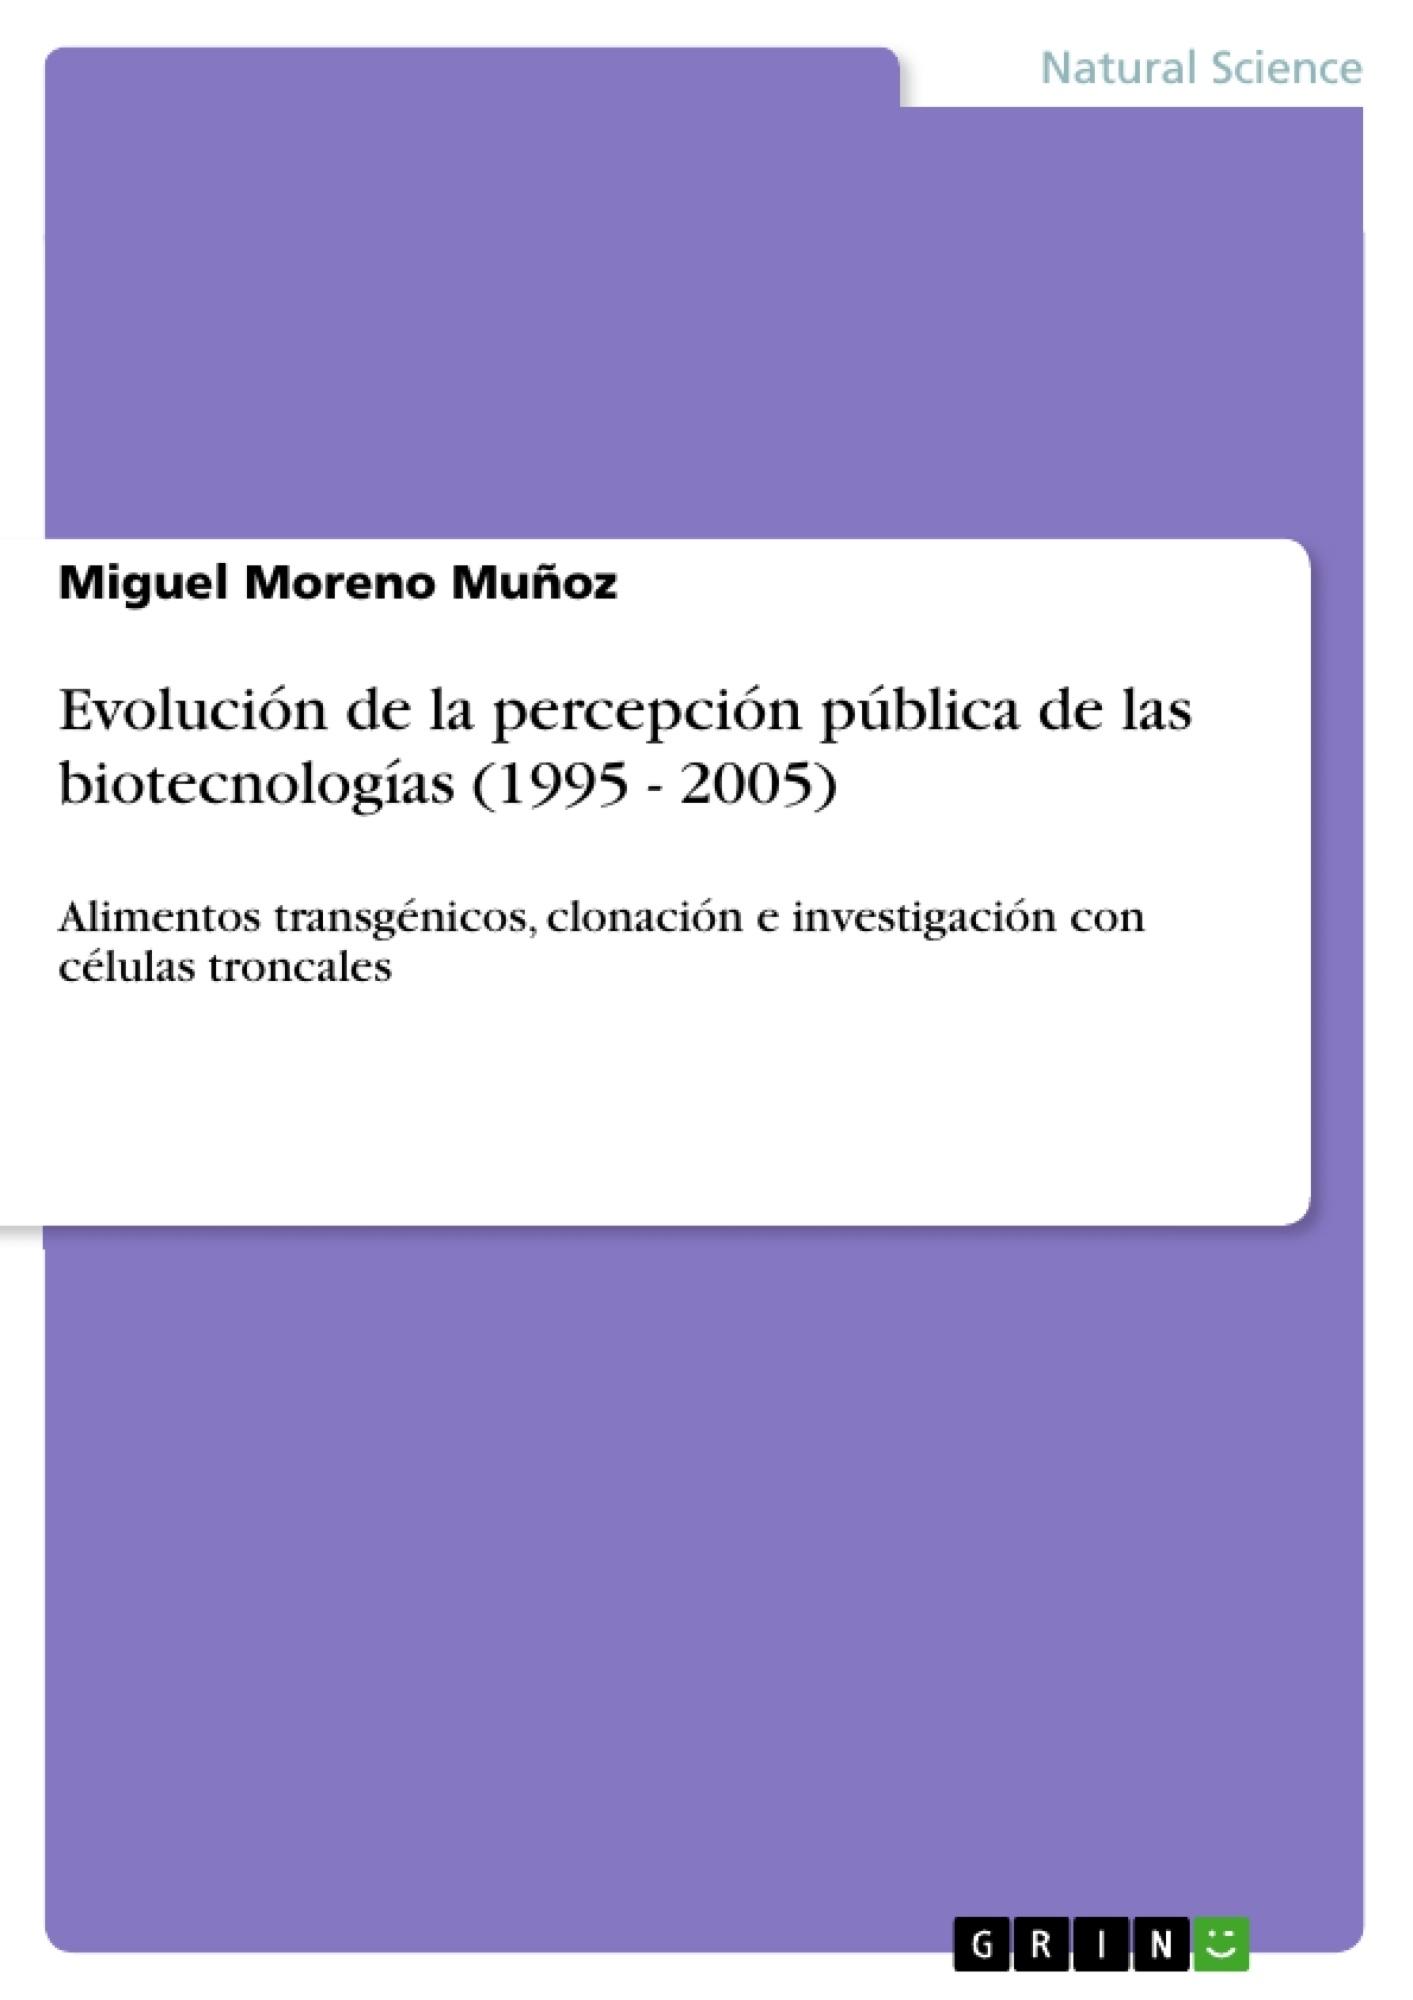 Título: Evolución de la percepción pública de las biotecnologías (1995 - 2005)